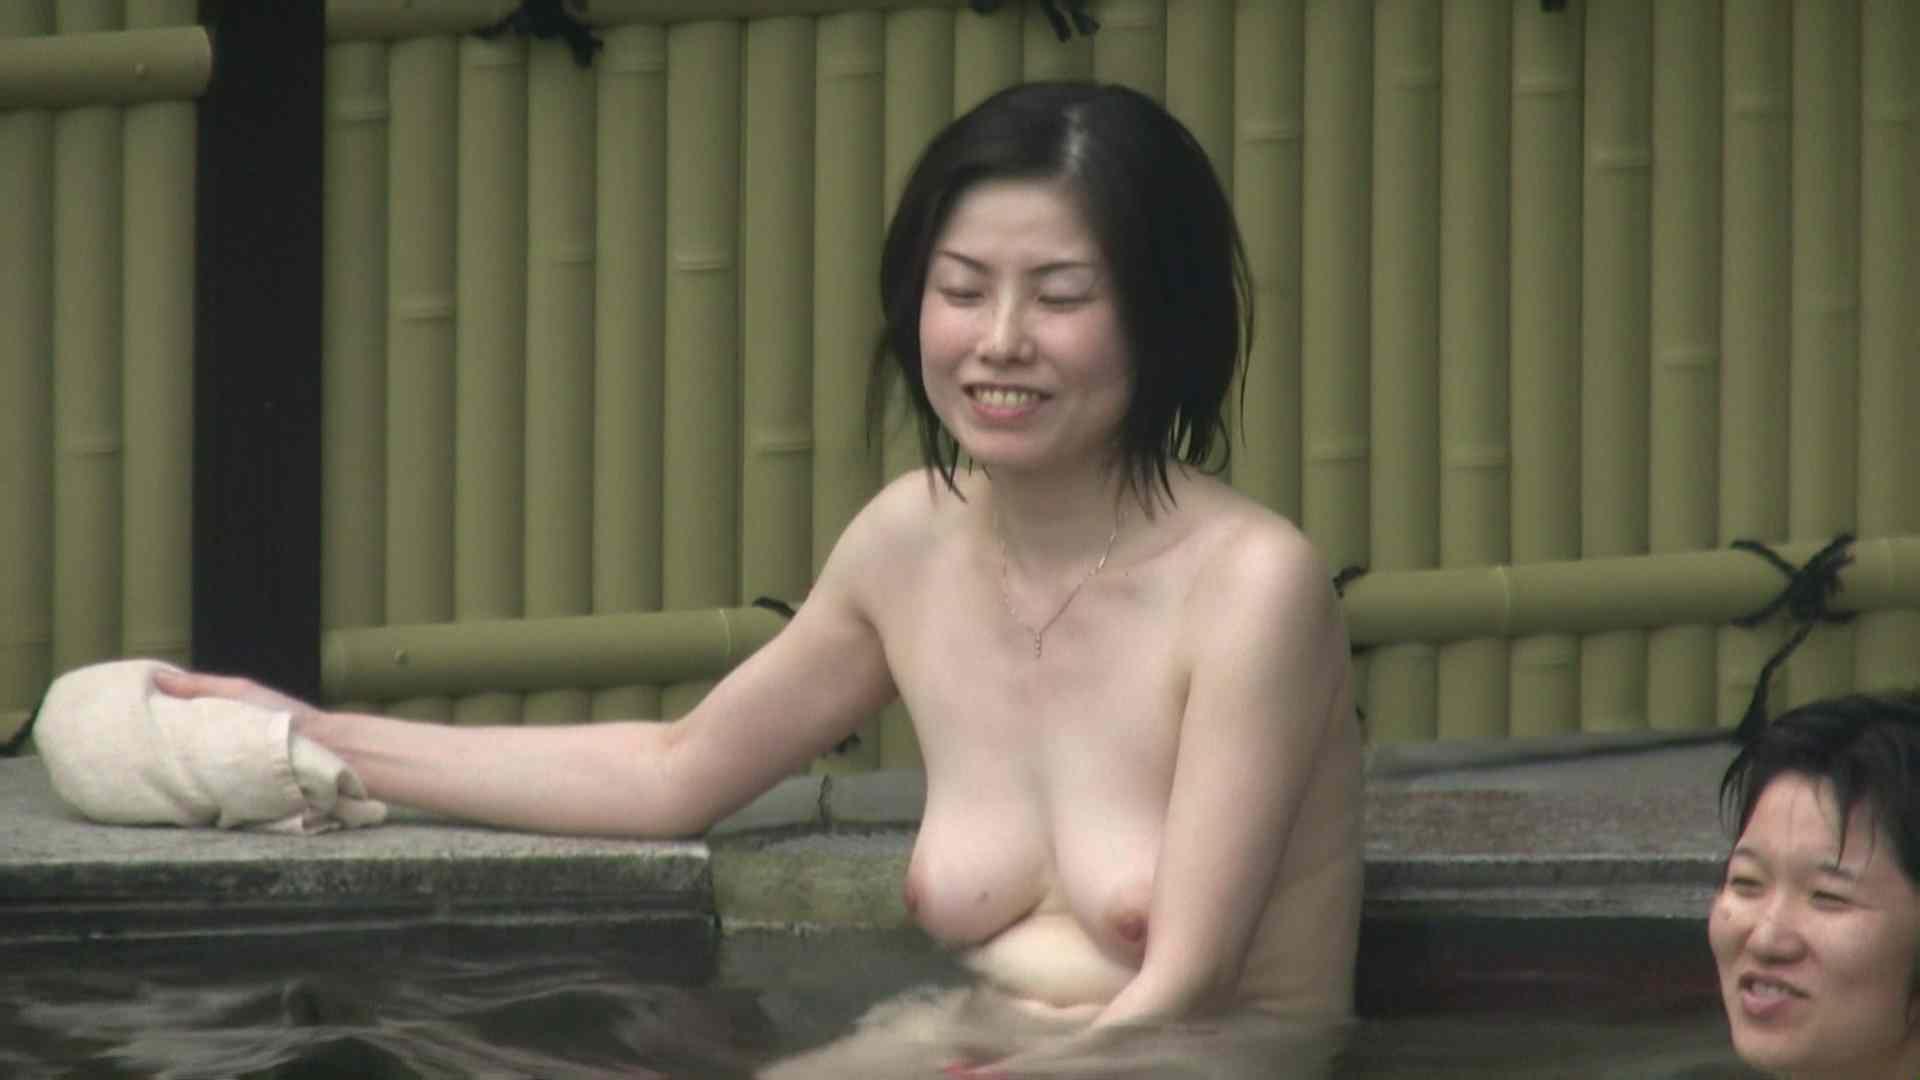 高画質露天女風呂観察 vol.035 OL  95pic 11